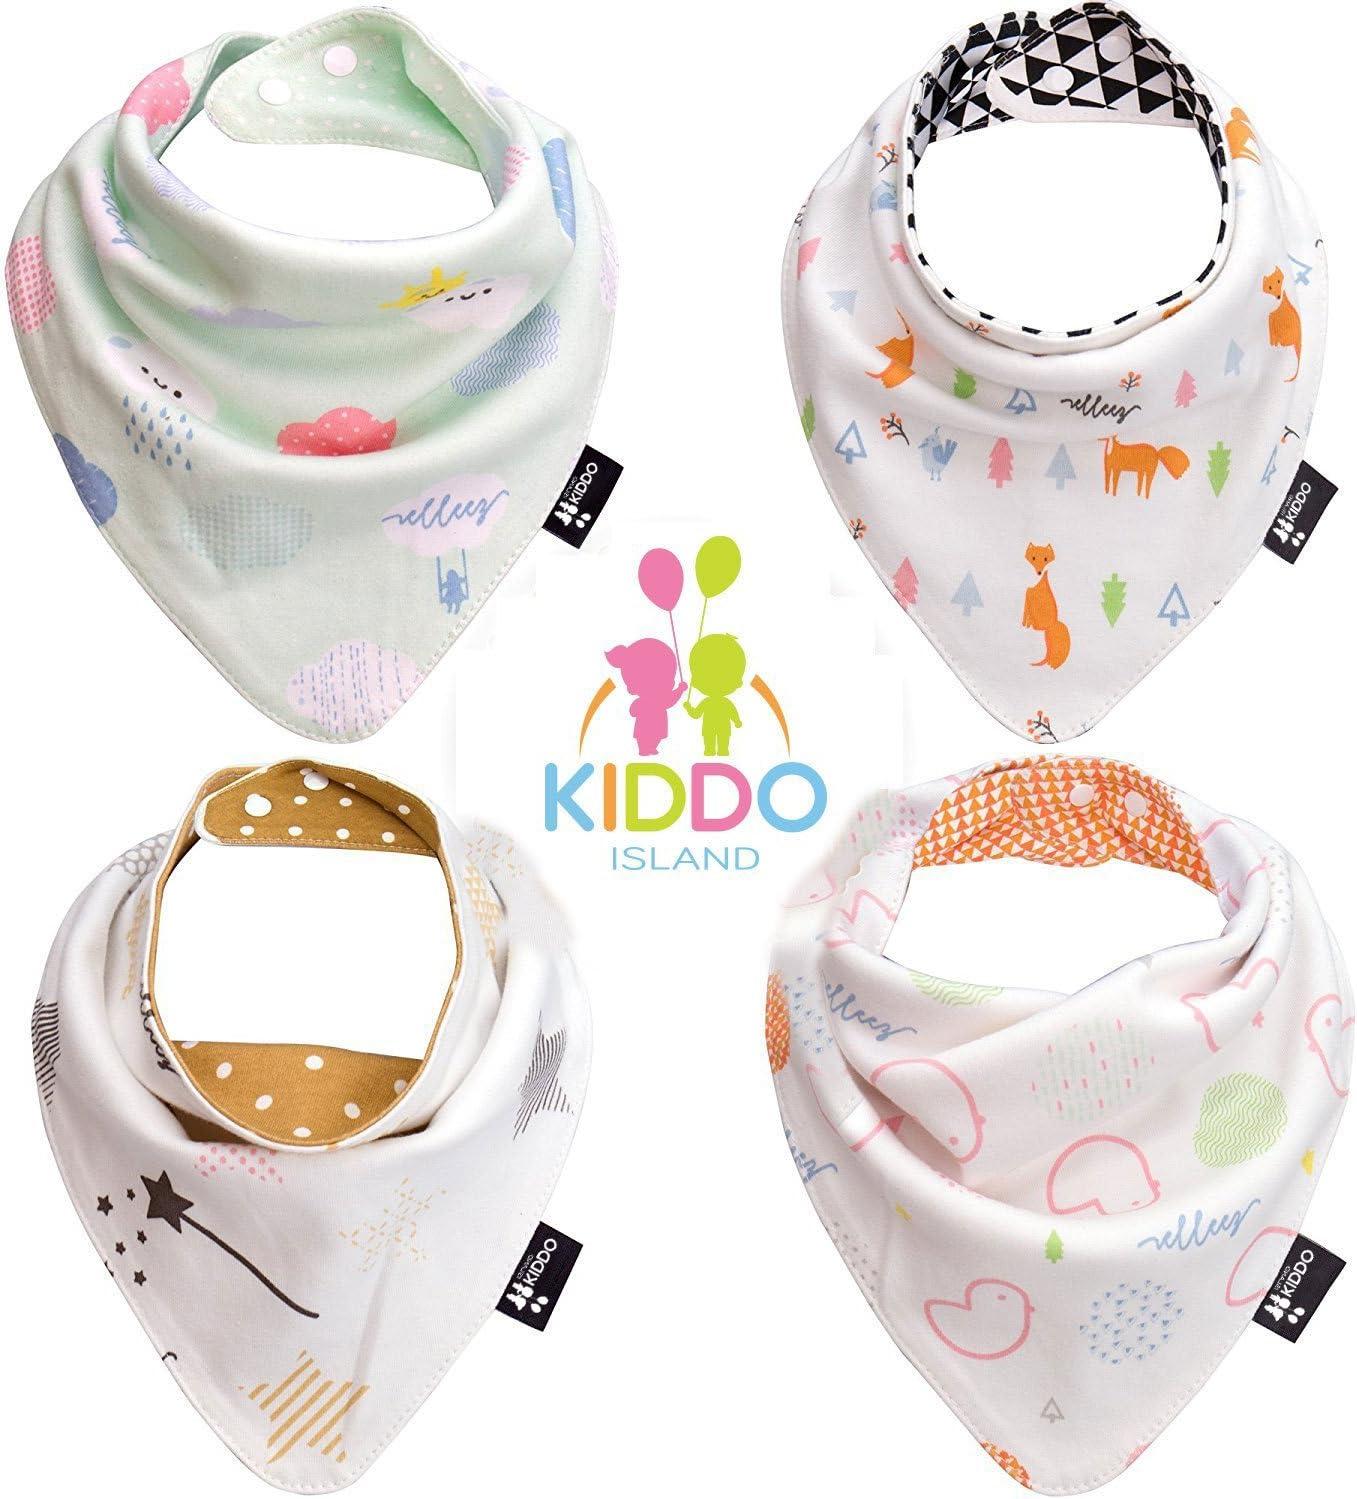 Bavoirs Baby Bandana Drool de couleur unie pour les bave et les dents 100/% coton biologique doux et absorbant Paquet de 10 pour b/éb/és gar/çons et filles